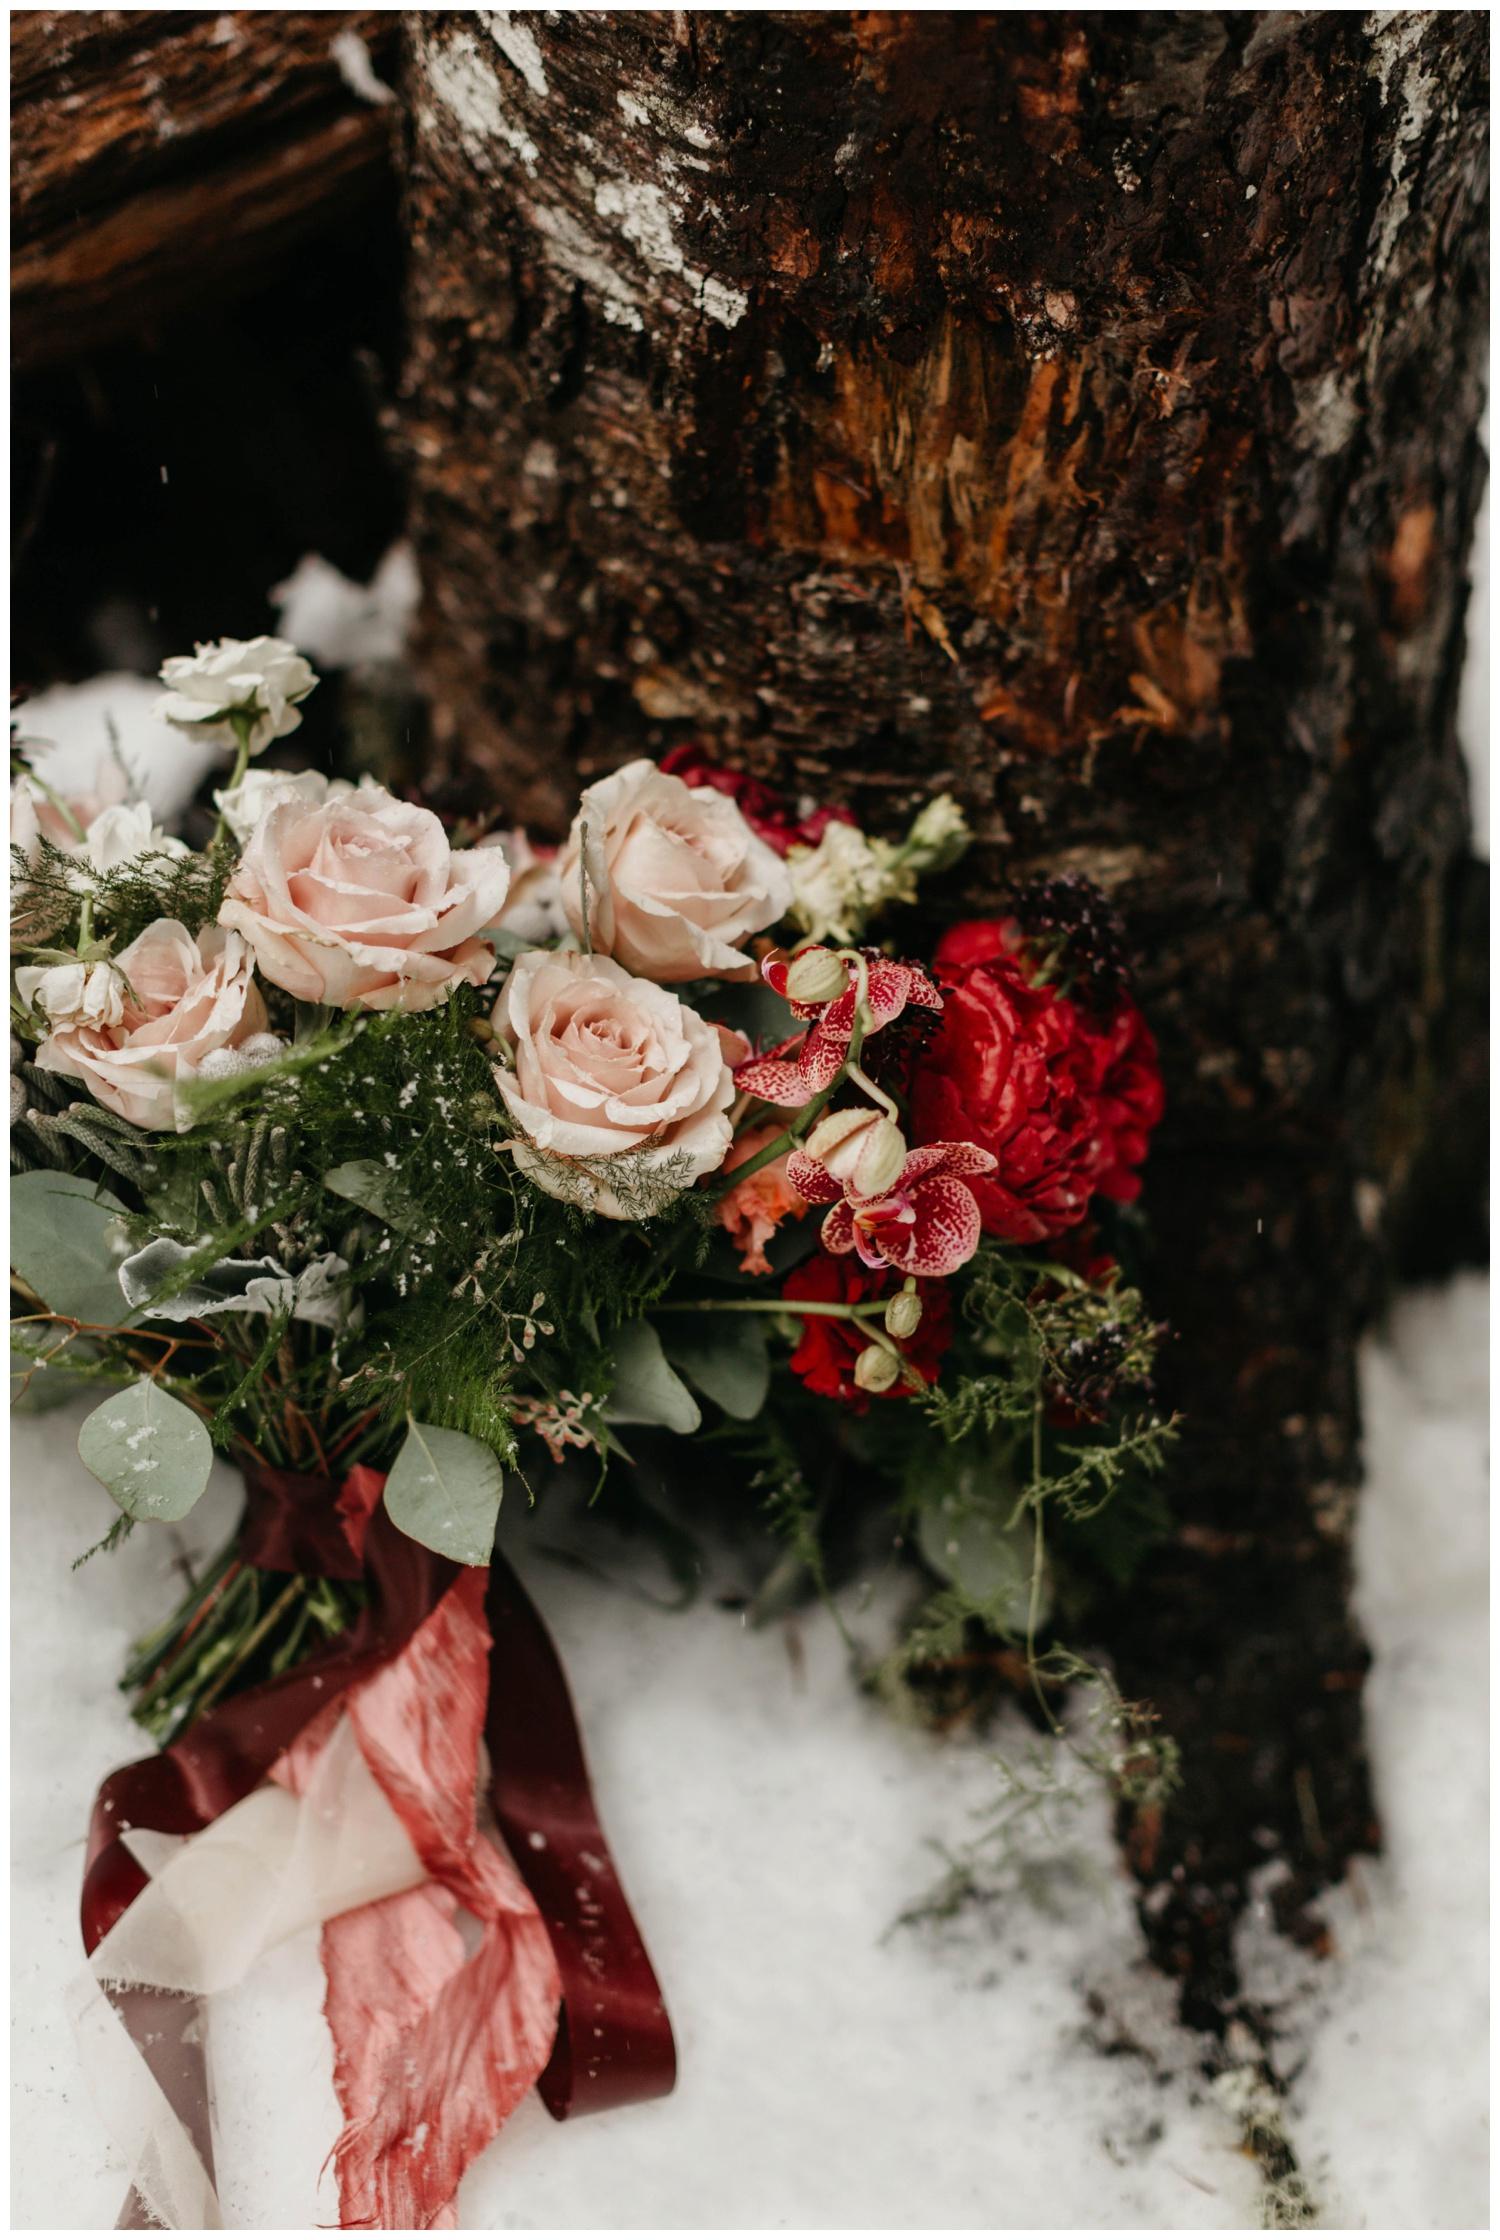 jasminejphotography_winter_anniversary_0019.jpg